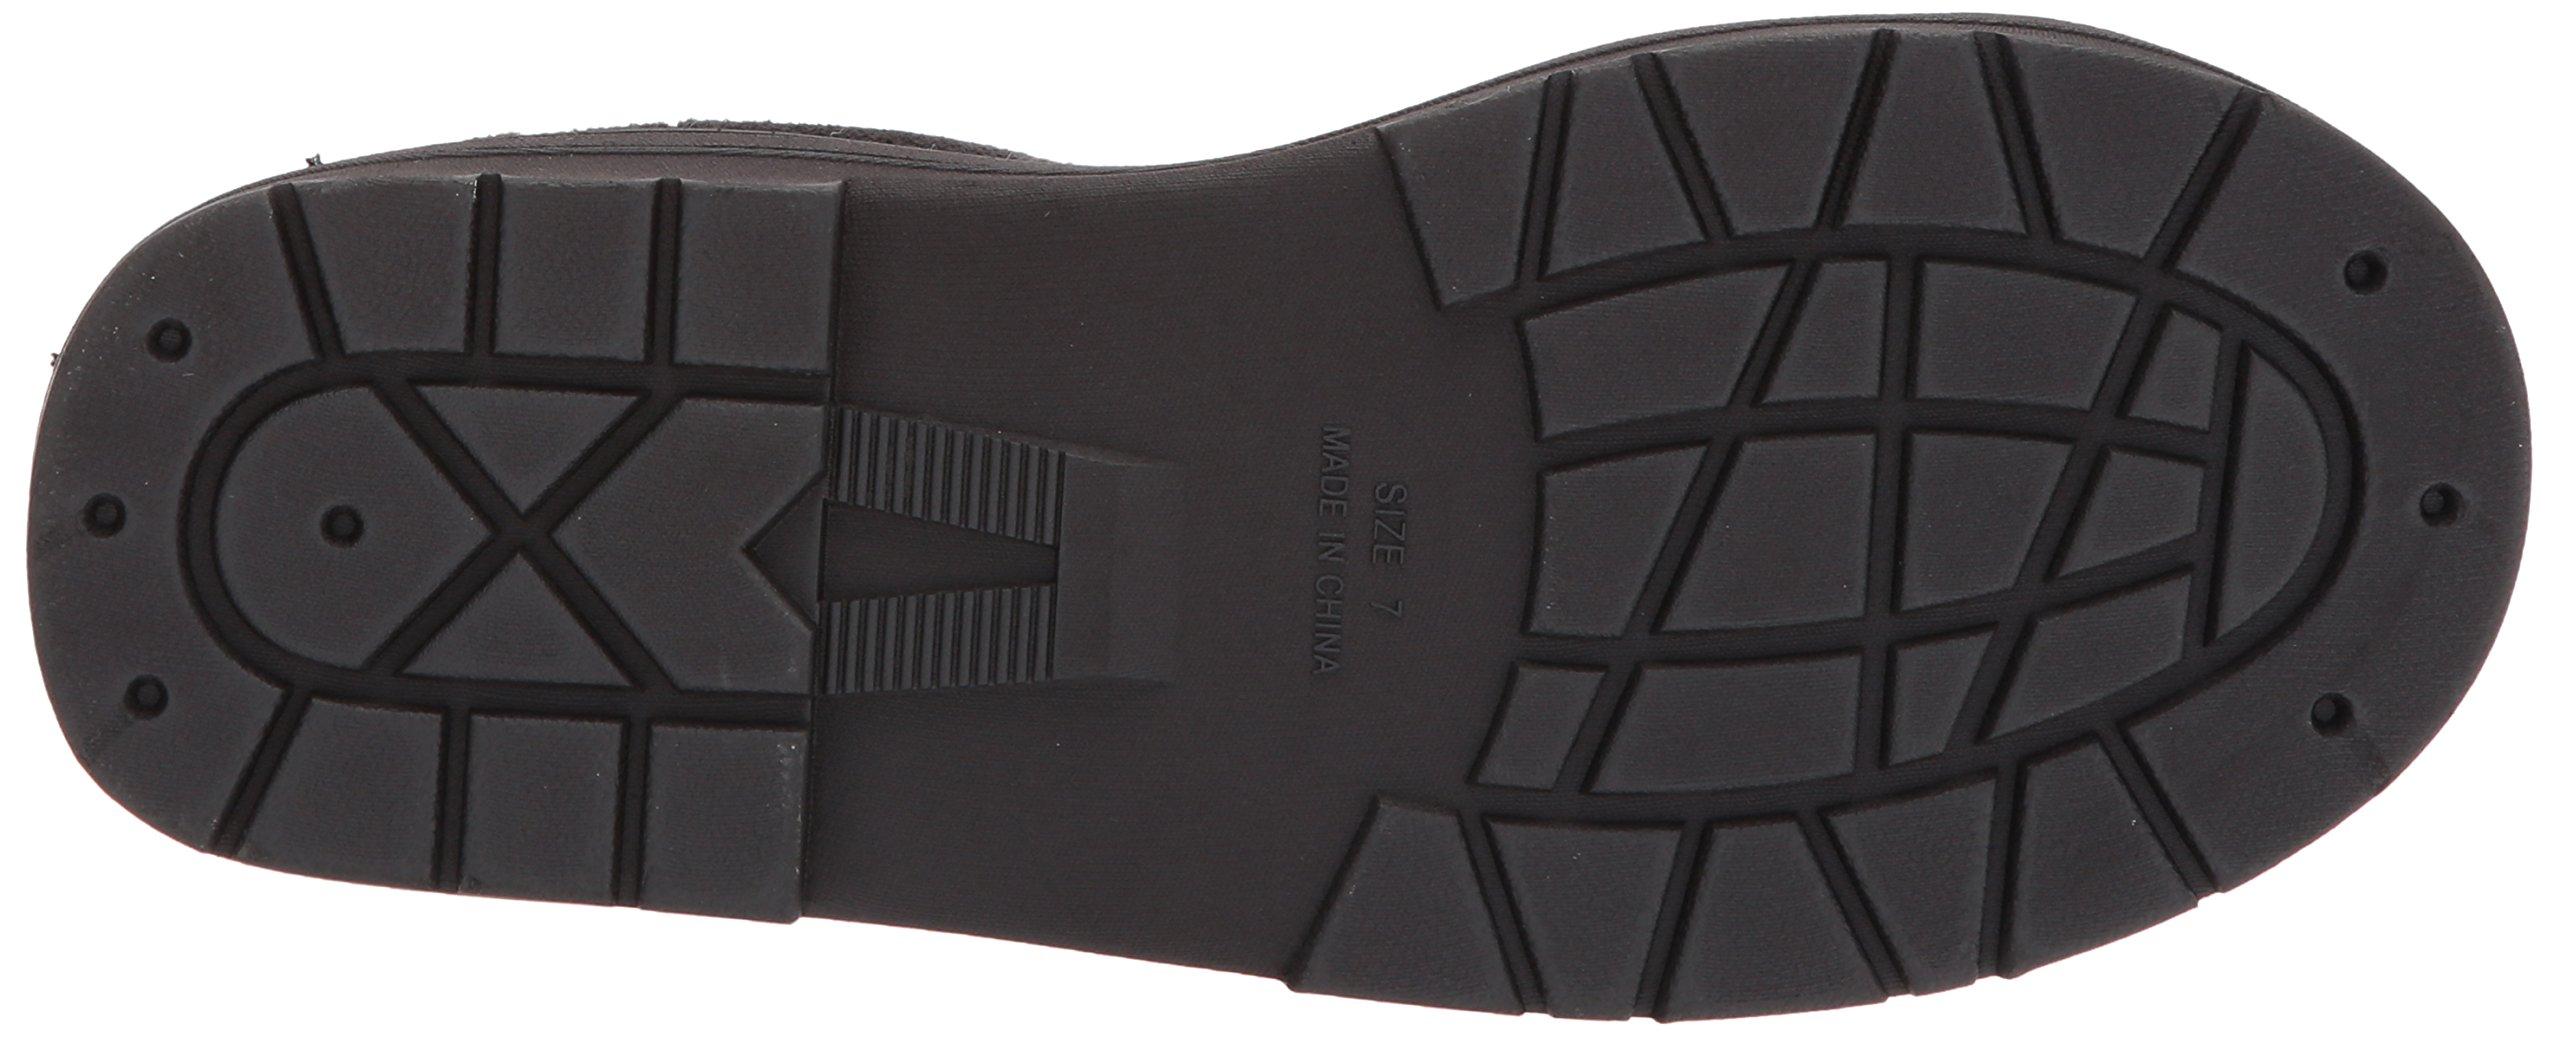 Steve Madden Men's Pclinton Slipper, Black, 9 M US by Steve Madden (Image #3)